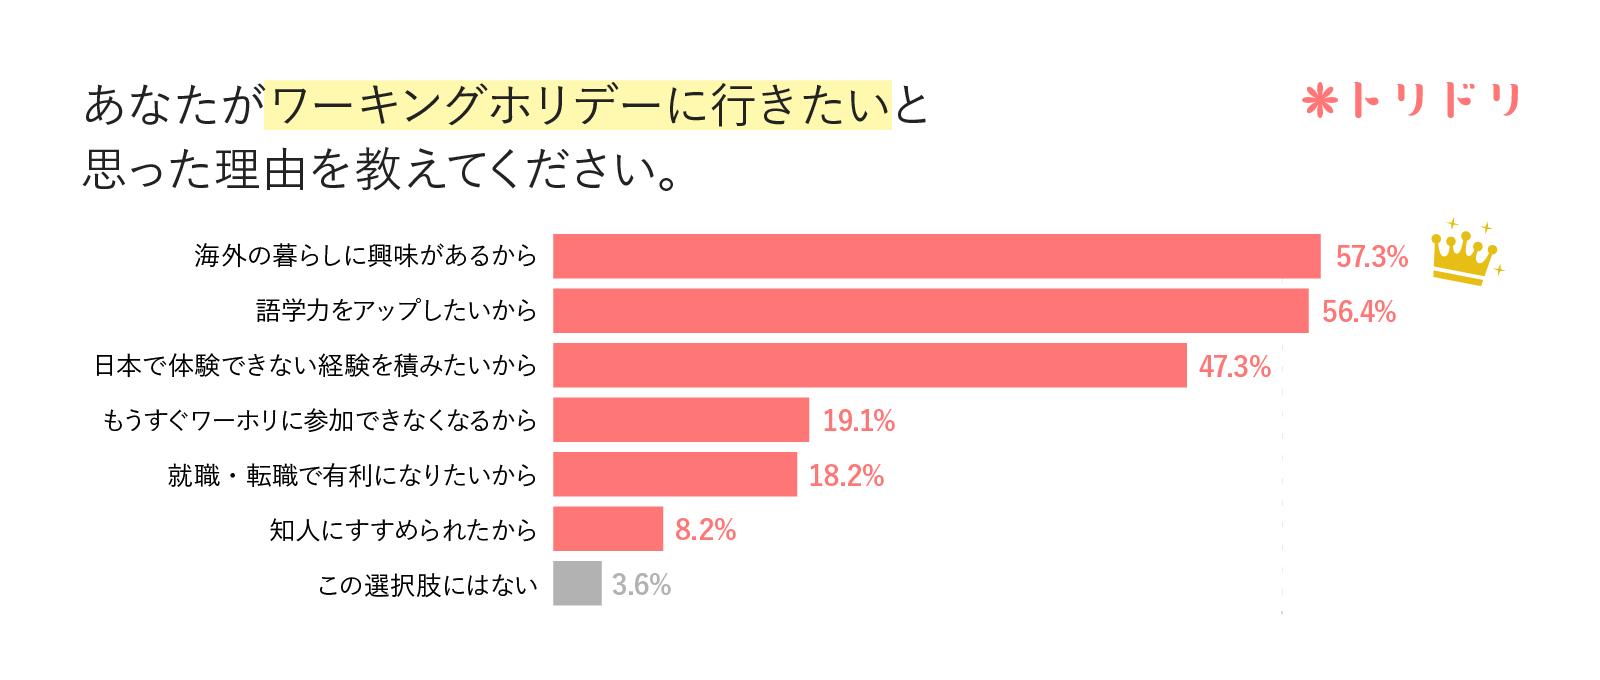 アンケート結果のグラフ:あなたがワーキングホリデーに行きたいと思った理由を教えてください。